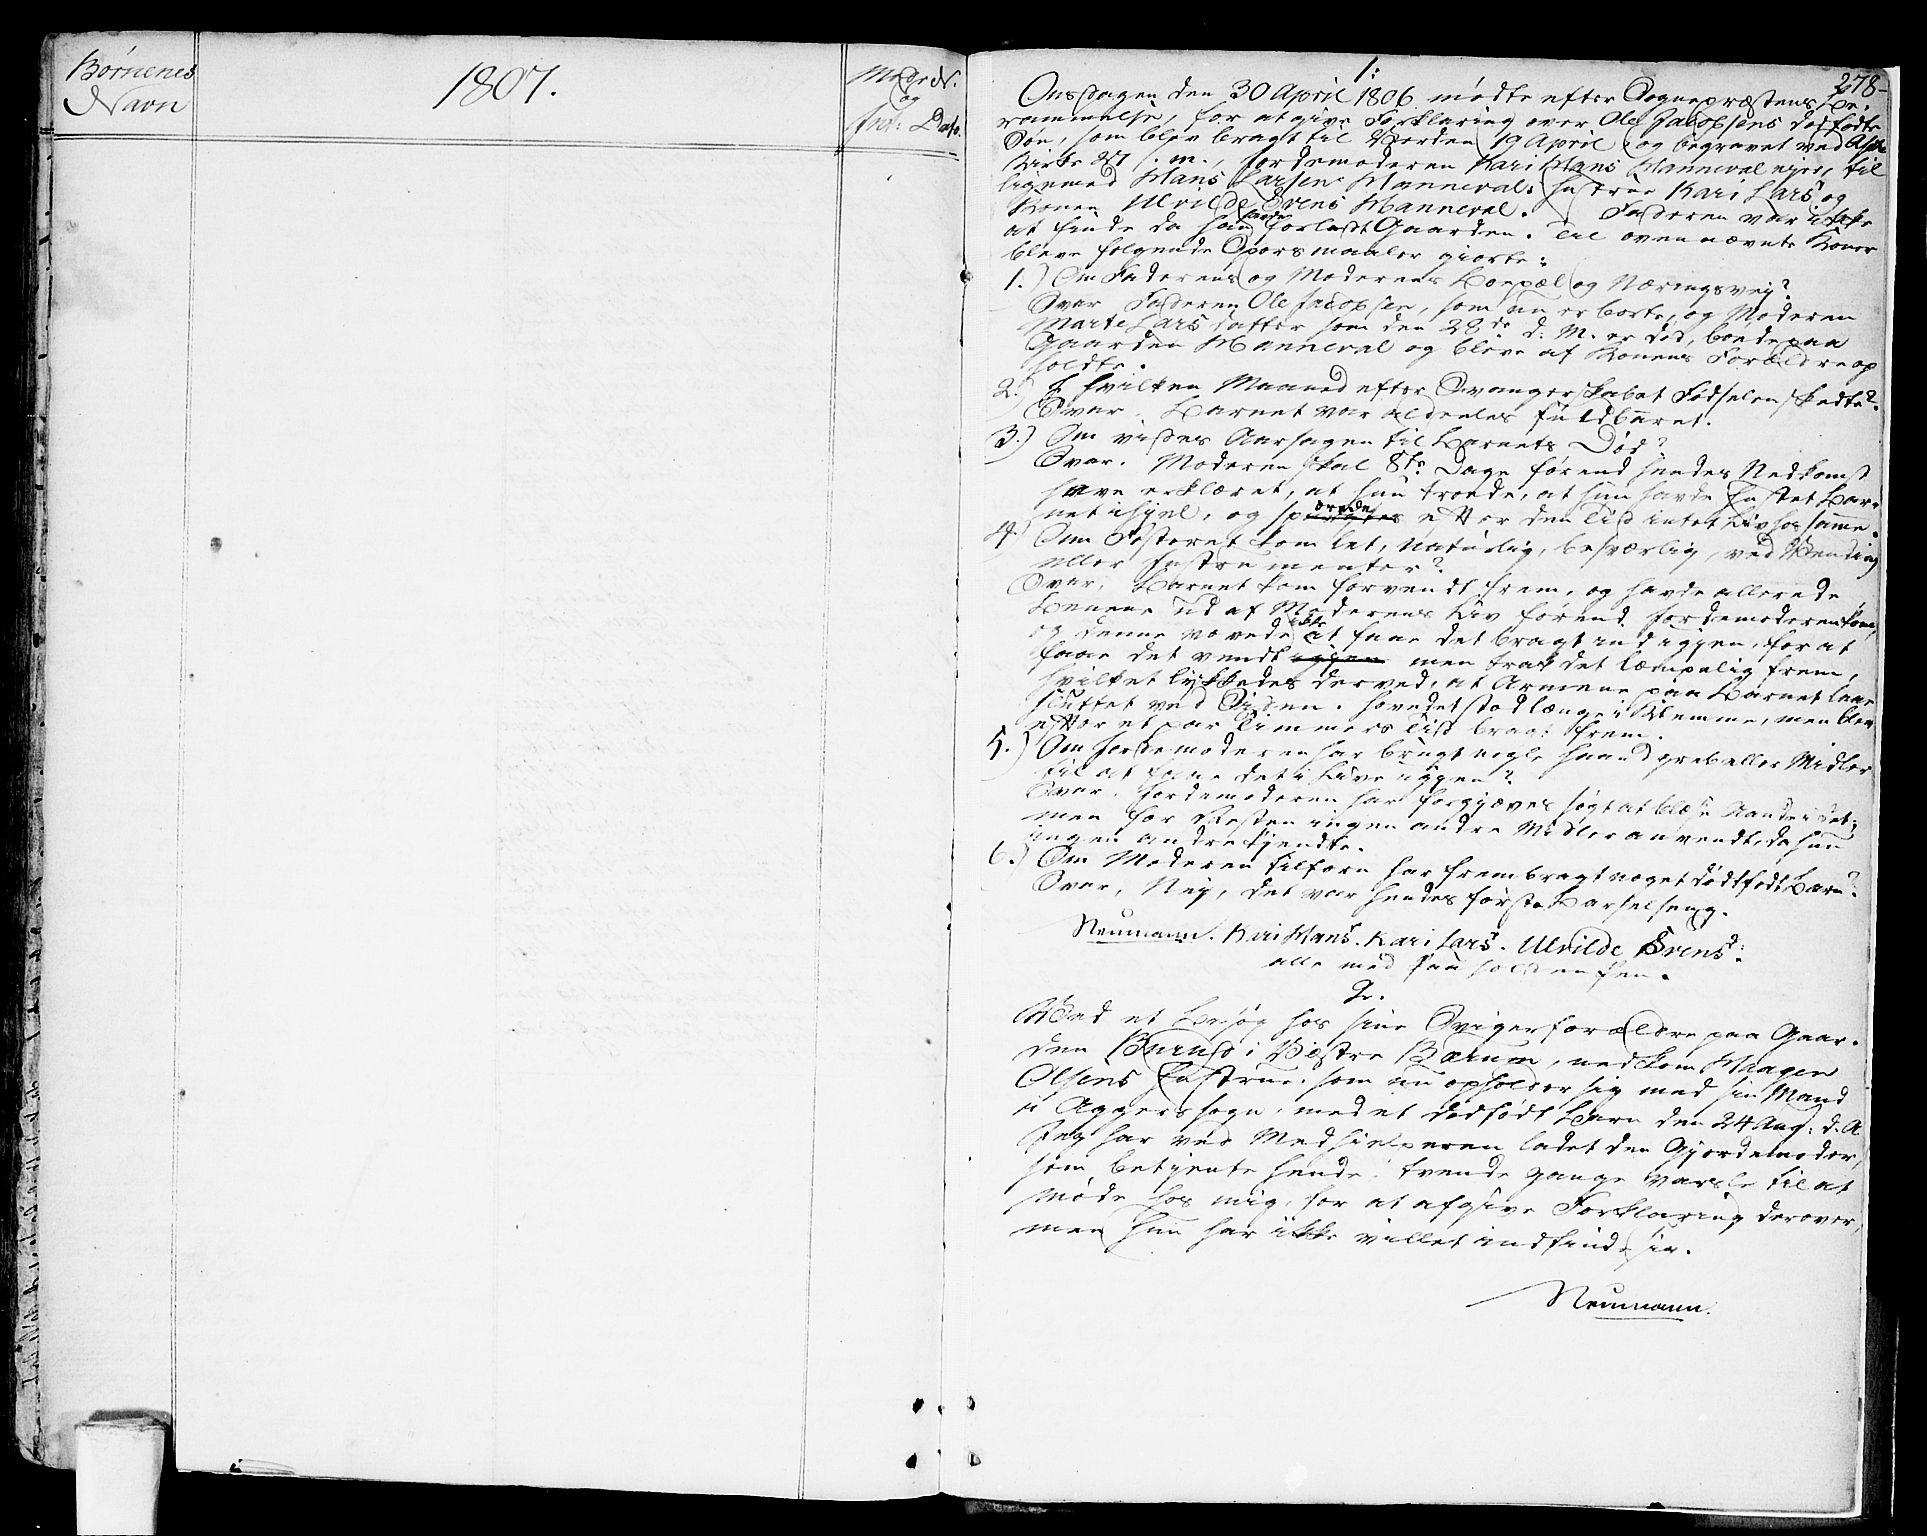 SAO, Asker prestekontor Kirkebøker, F/Fa/L0003: Ministerialbok nr. I 3, 1767-1807, s. 278